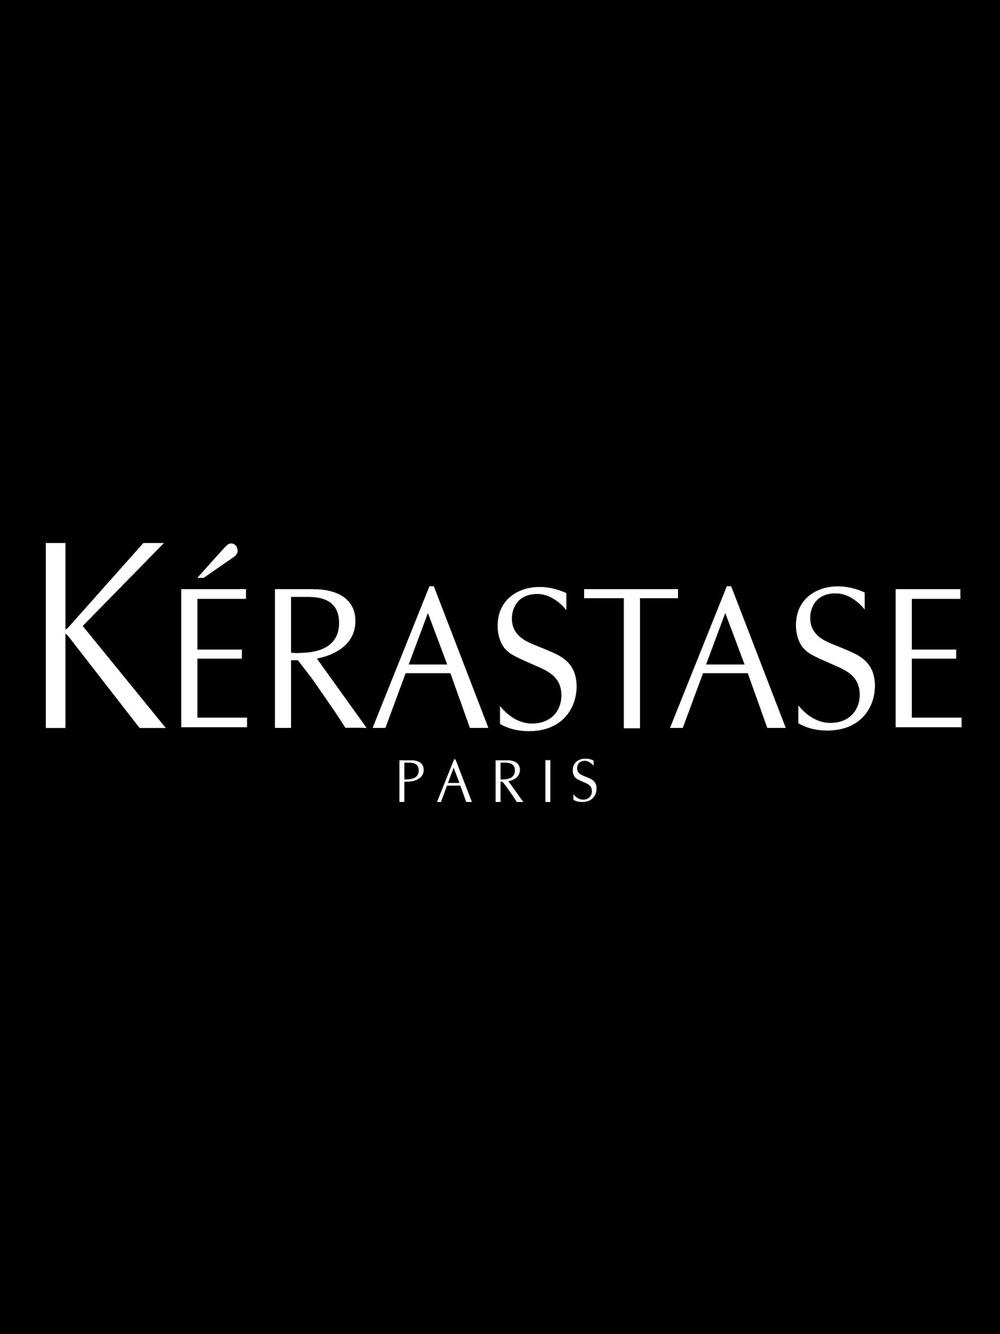 kerastase-logo-copy